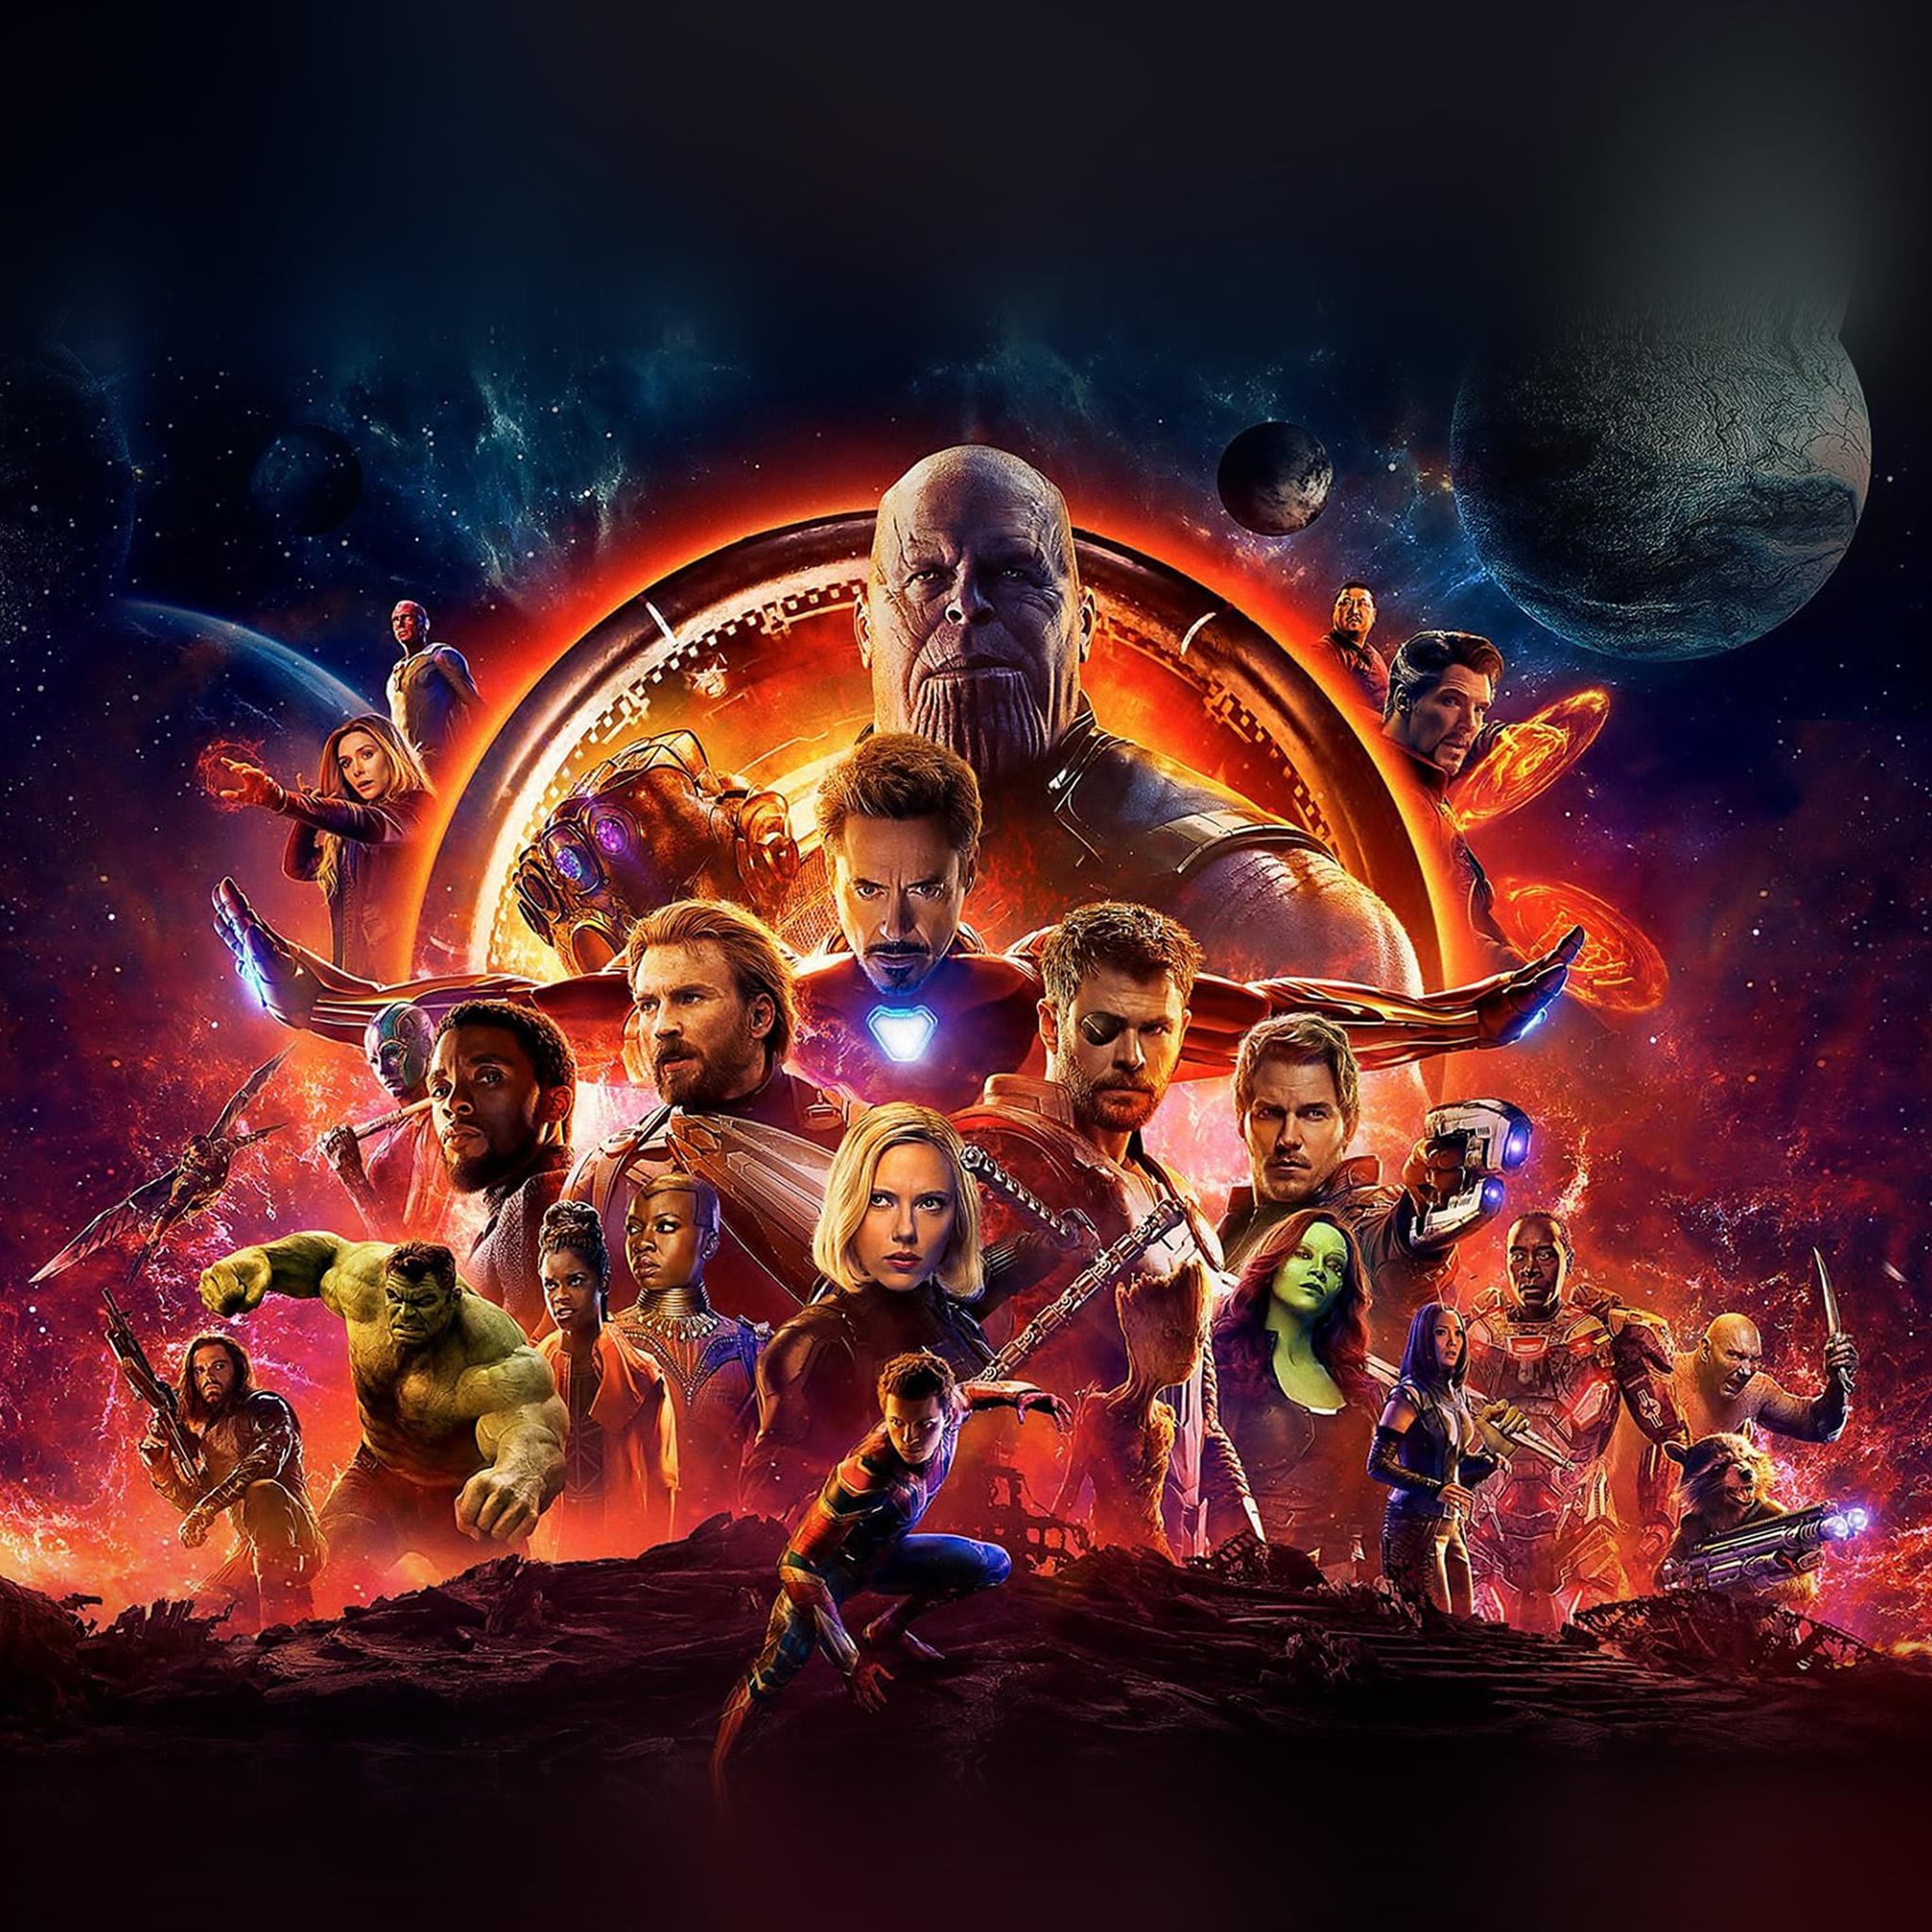 Iphone 5 Car Wallpaper Be47 Infinity War Marvel Avengers Hero Art Illustration